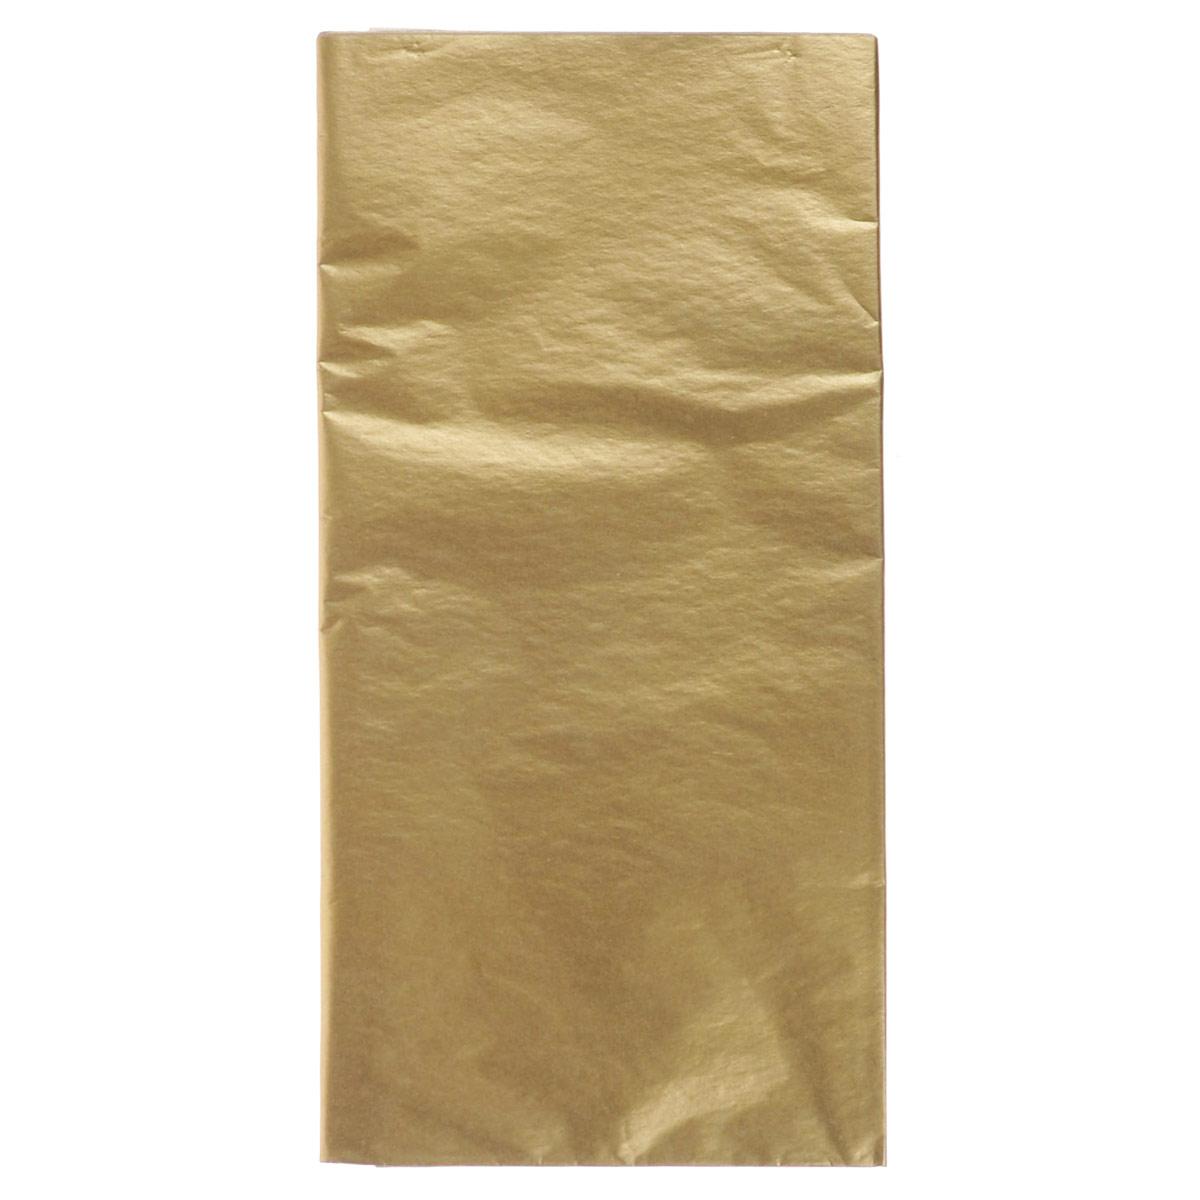 Бумага папиросная Folia, цвет: золотистый (65), 50 х 70 см, 5 листов. 7708124_6555052Бумага папиросная Folia - это великолепная тонкая и эластичная декоративная бумага. Такая бумага очень хороша для изготовления своими руками цветов и букетов с конфетами, топиариев, декорирования праздничных мероприятий. Также из нее получается шикарная упаковка для подарков. Интересный эффект дает сочетание мягкой полупрозрачной фактуры папиросной бумаги с жатыми и матовыми фактурами: креп-бумагой, тутовой и различными видами картона. Бумага очень тонкая, полупрозрачная - поэтому ее можно оригинально использовать в декоре стекла, светильников и гирлянд. Достаточно большие размеры листа и богатая цветовая палитра дают простор вашей творческой фантазии.Размер листа: 50 см х 70 см.Плотность: 20 г/м2.